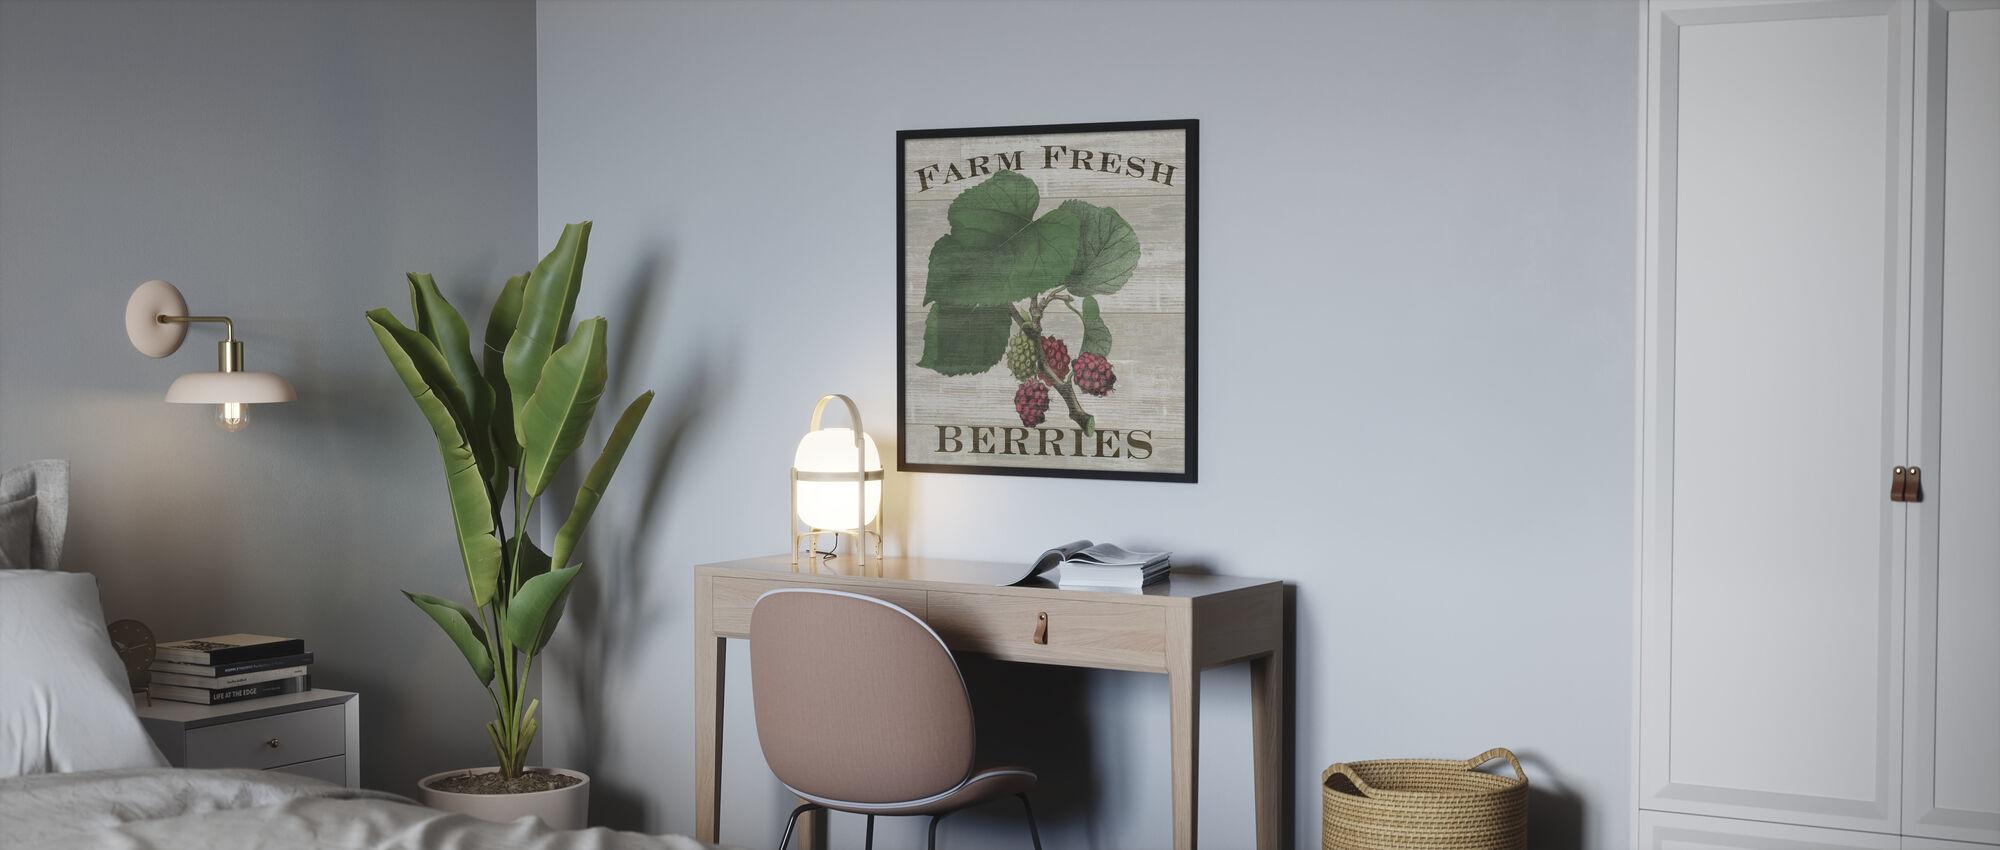 Farm Fresh Raspberries - Poster - Bedroom